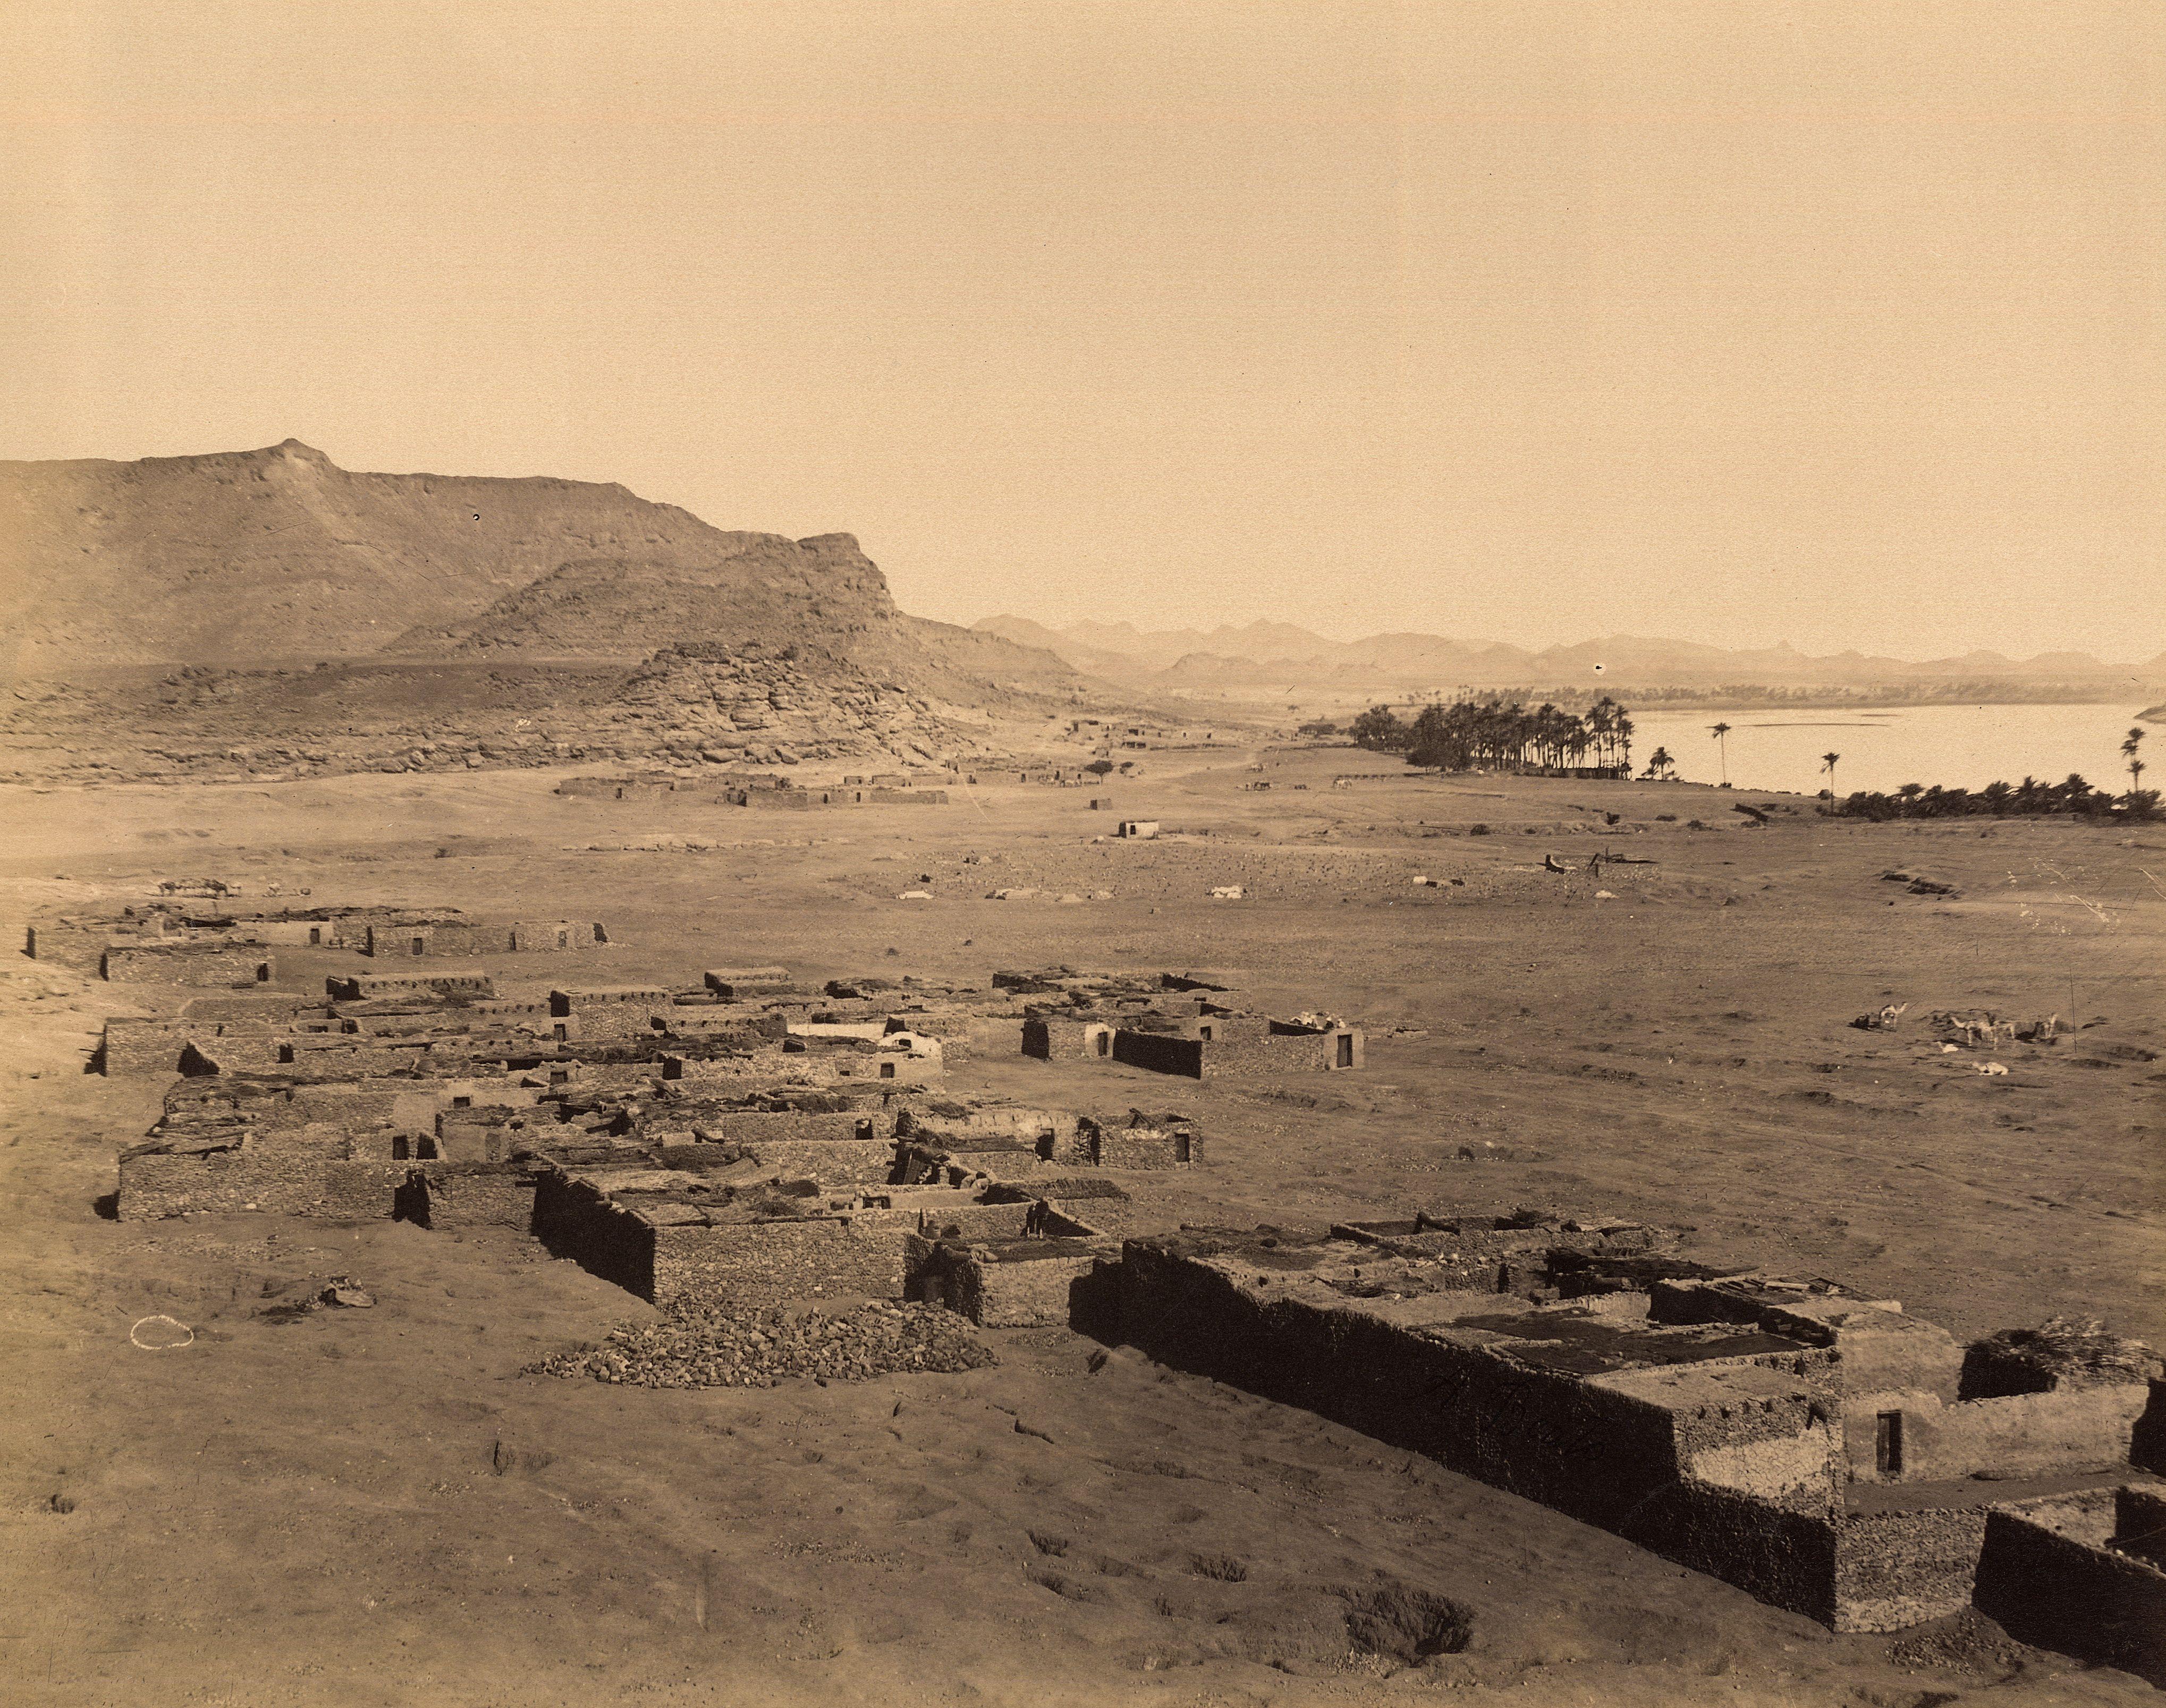 Короско. Отправная точка для прямого маршрута по Нубийской пустыне до Абу Хамеда